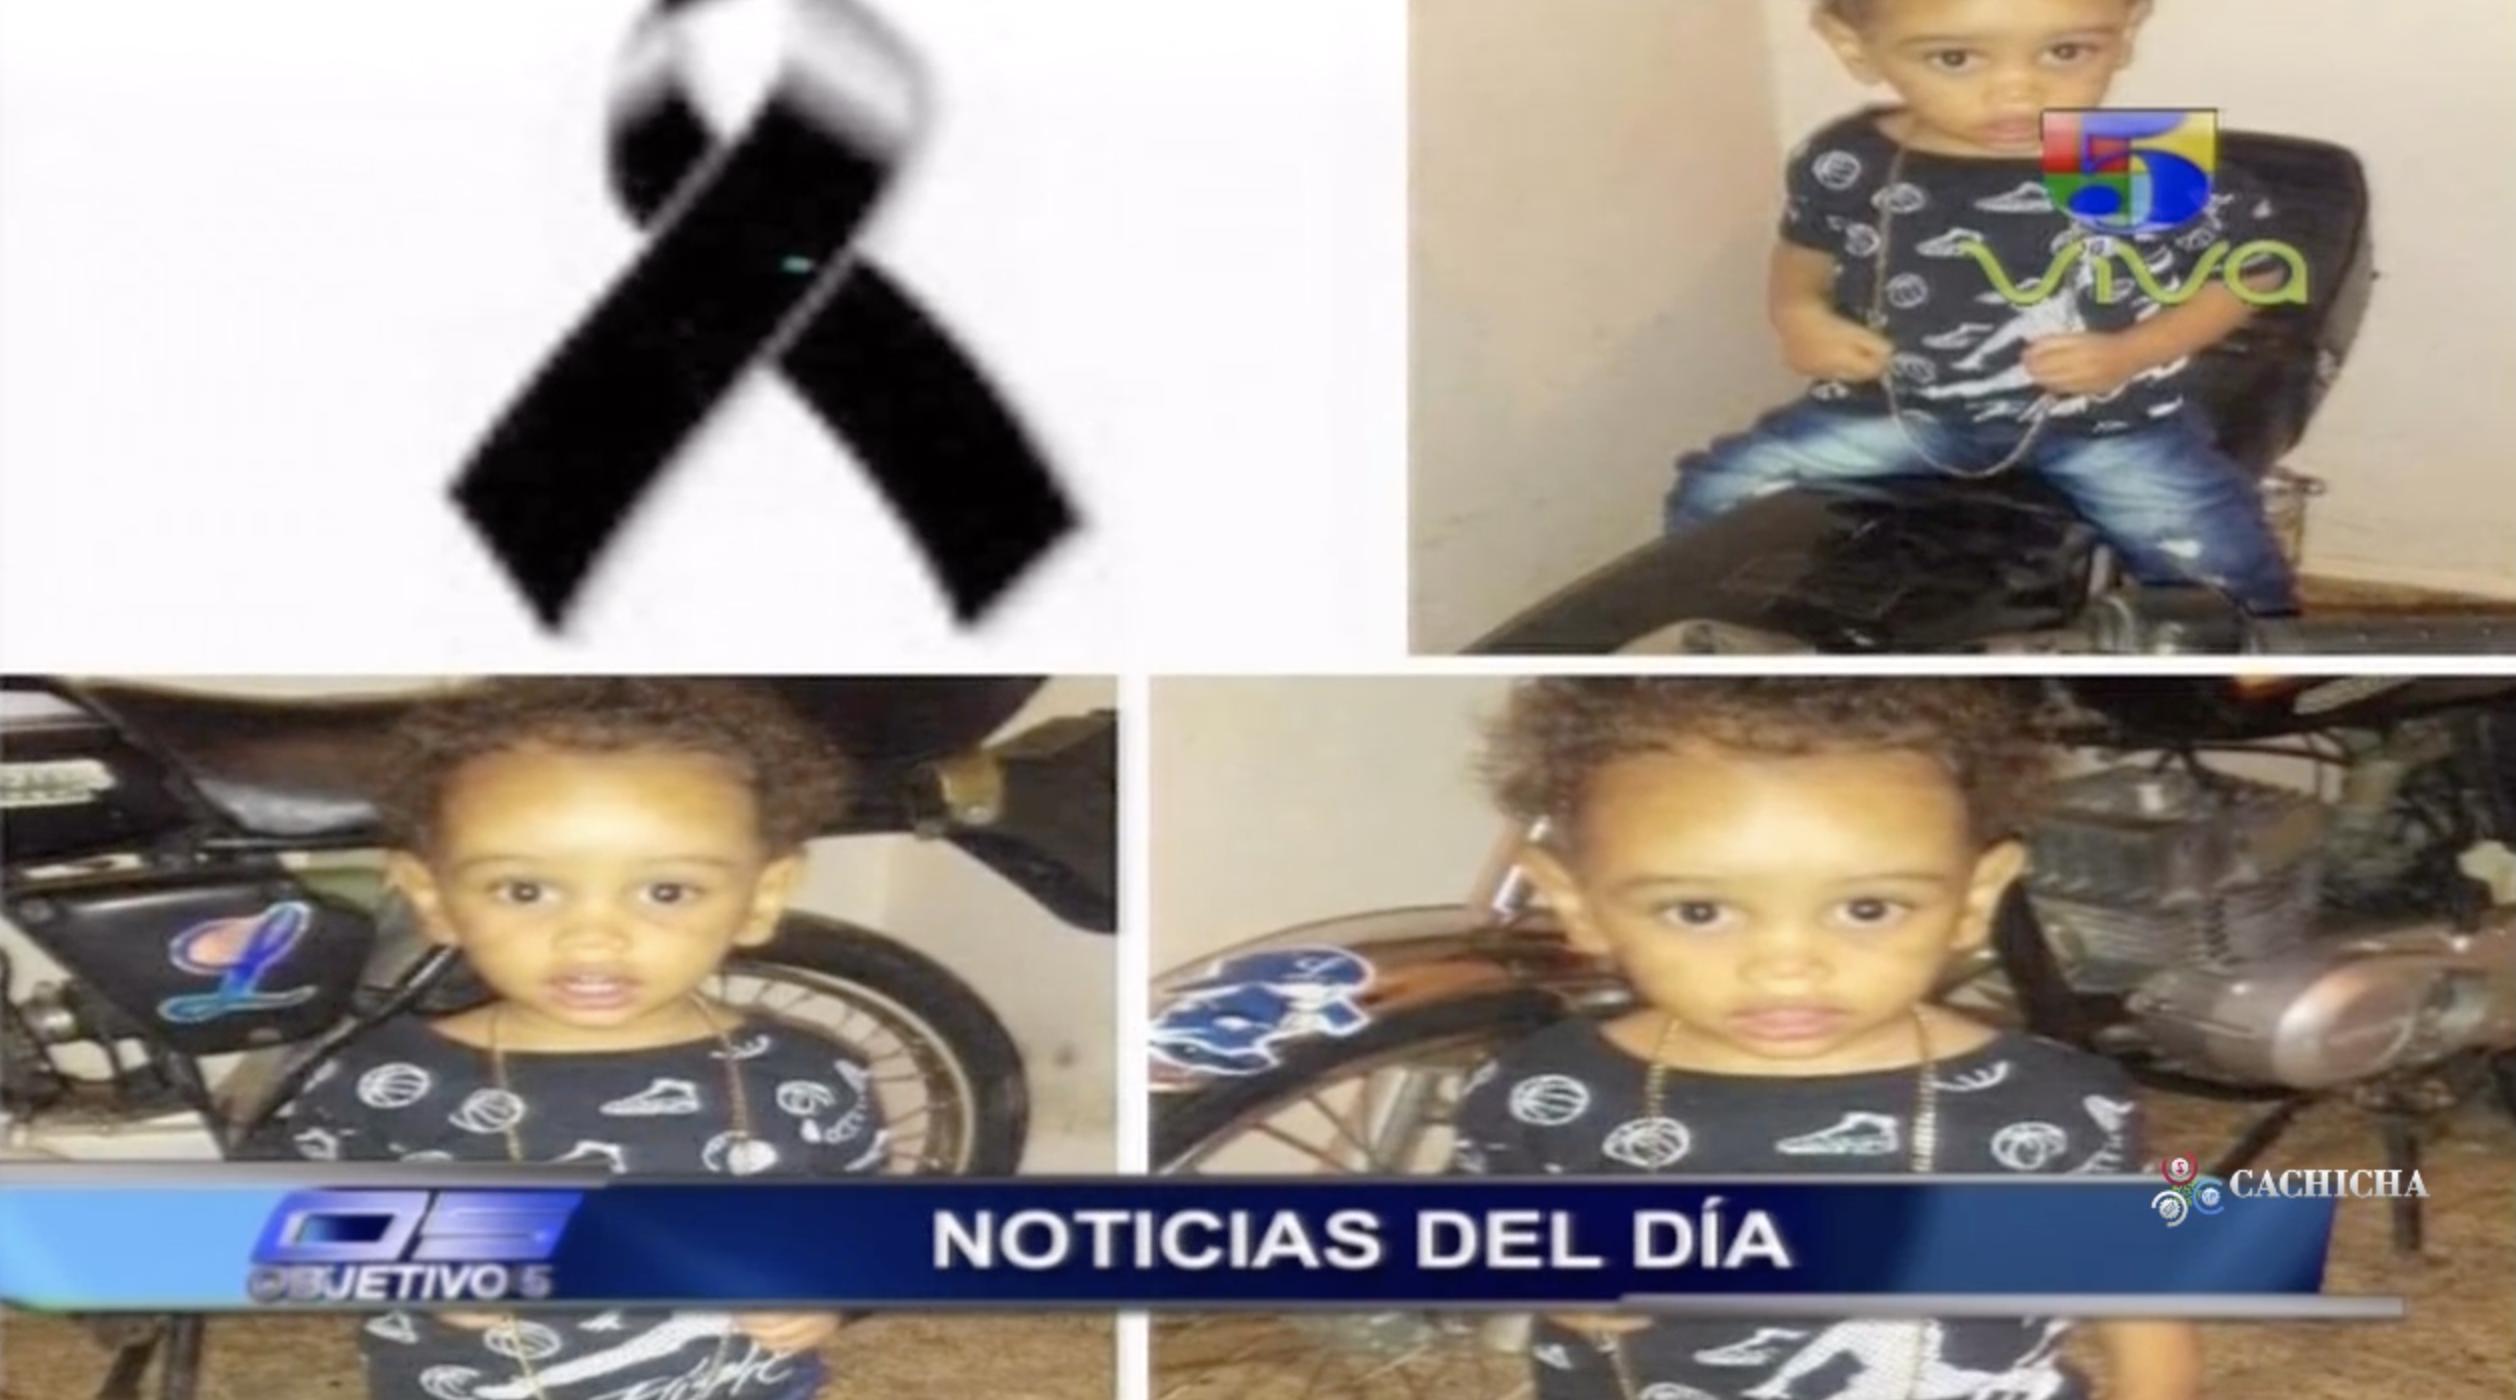 Objetivo 5: Esto Es Lo Que Se Sabe Del Niño Que Murió En Aparente Maltrato Por Parte De Sus Padres